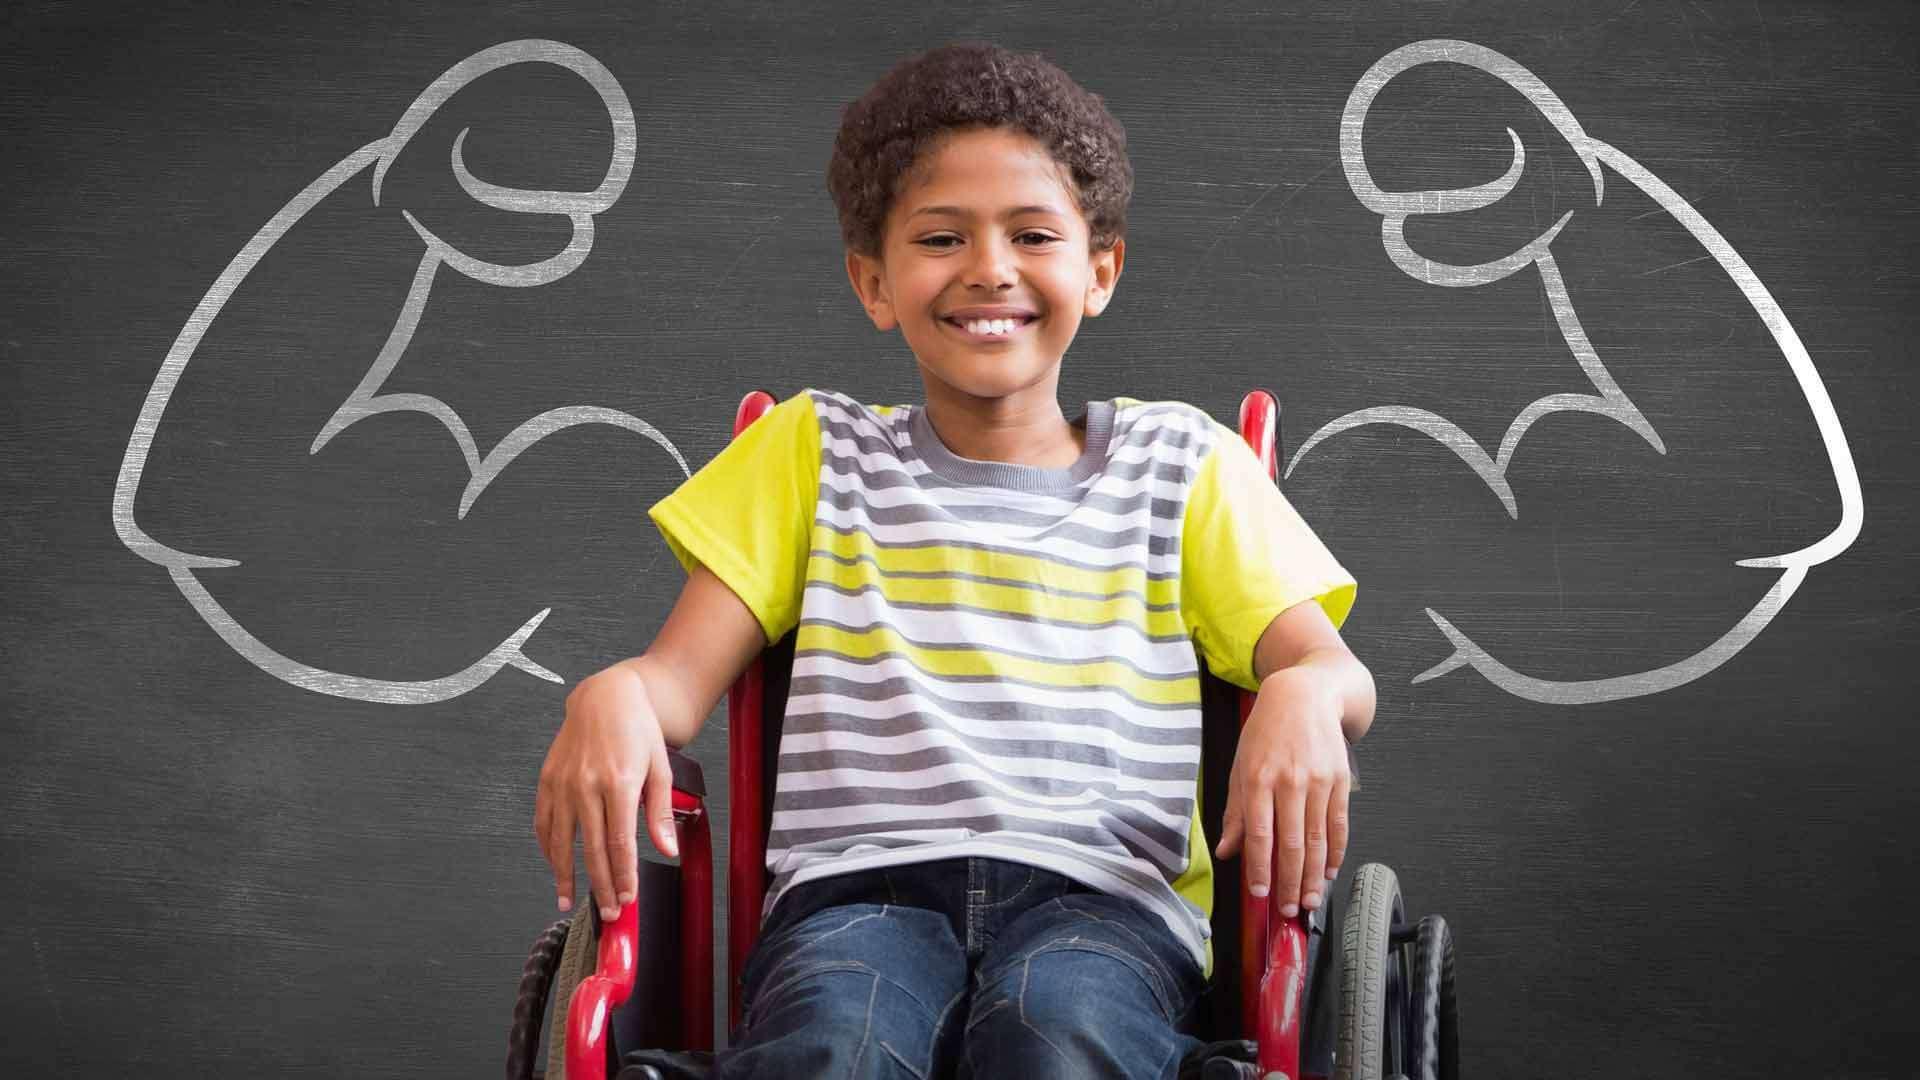 معلول کودک توانیاب 3 هر آنچه درباره کودک معلول باید بدانیم